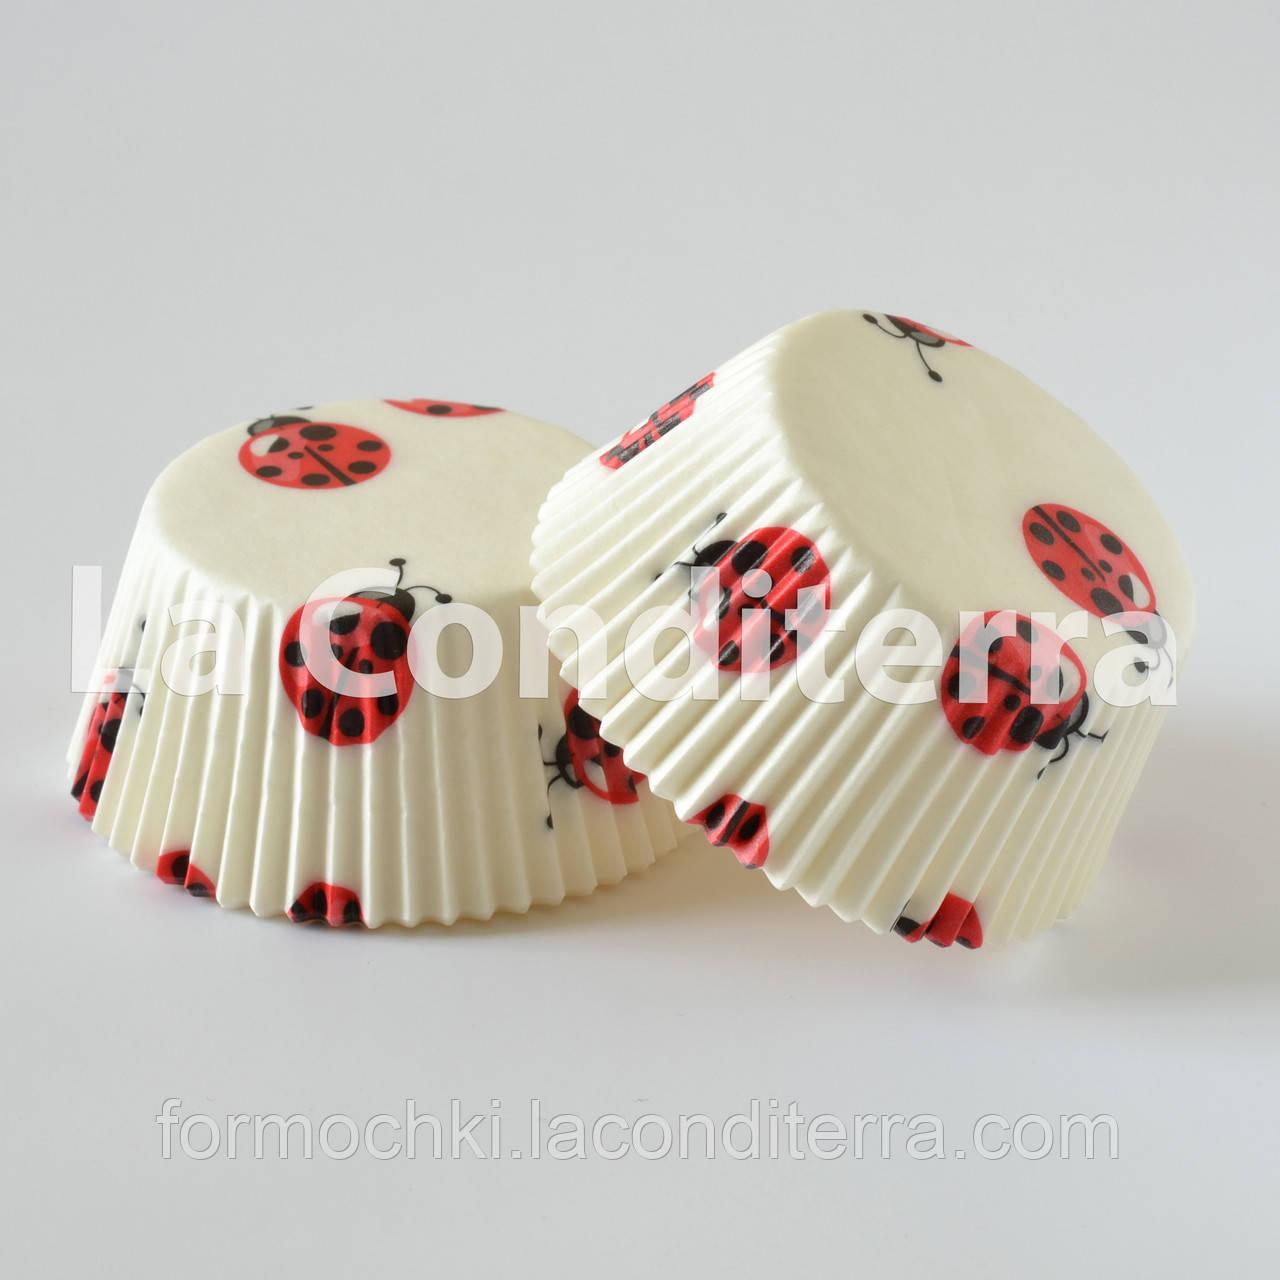 Формы для кексов «Божьи Коровки» (Ø50 мм), мин. партия от 2000 шт.